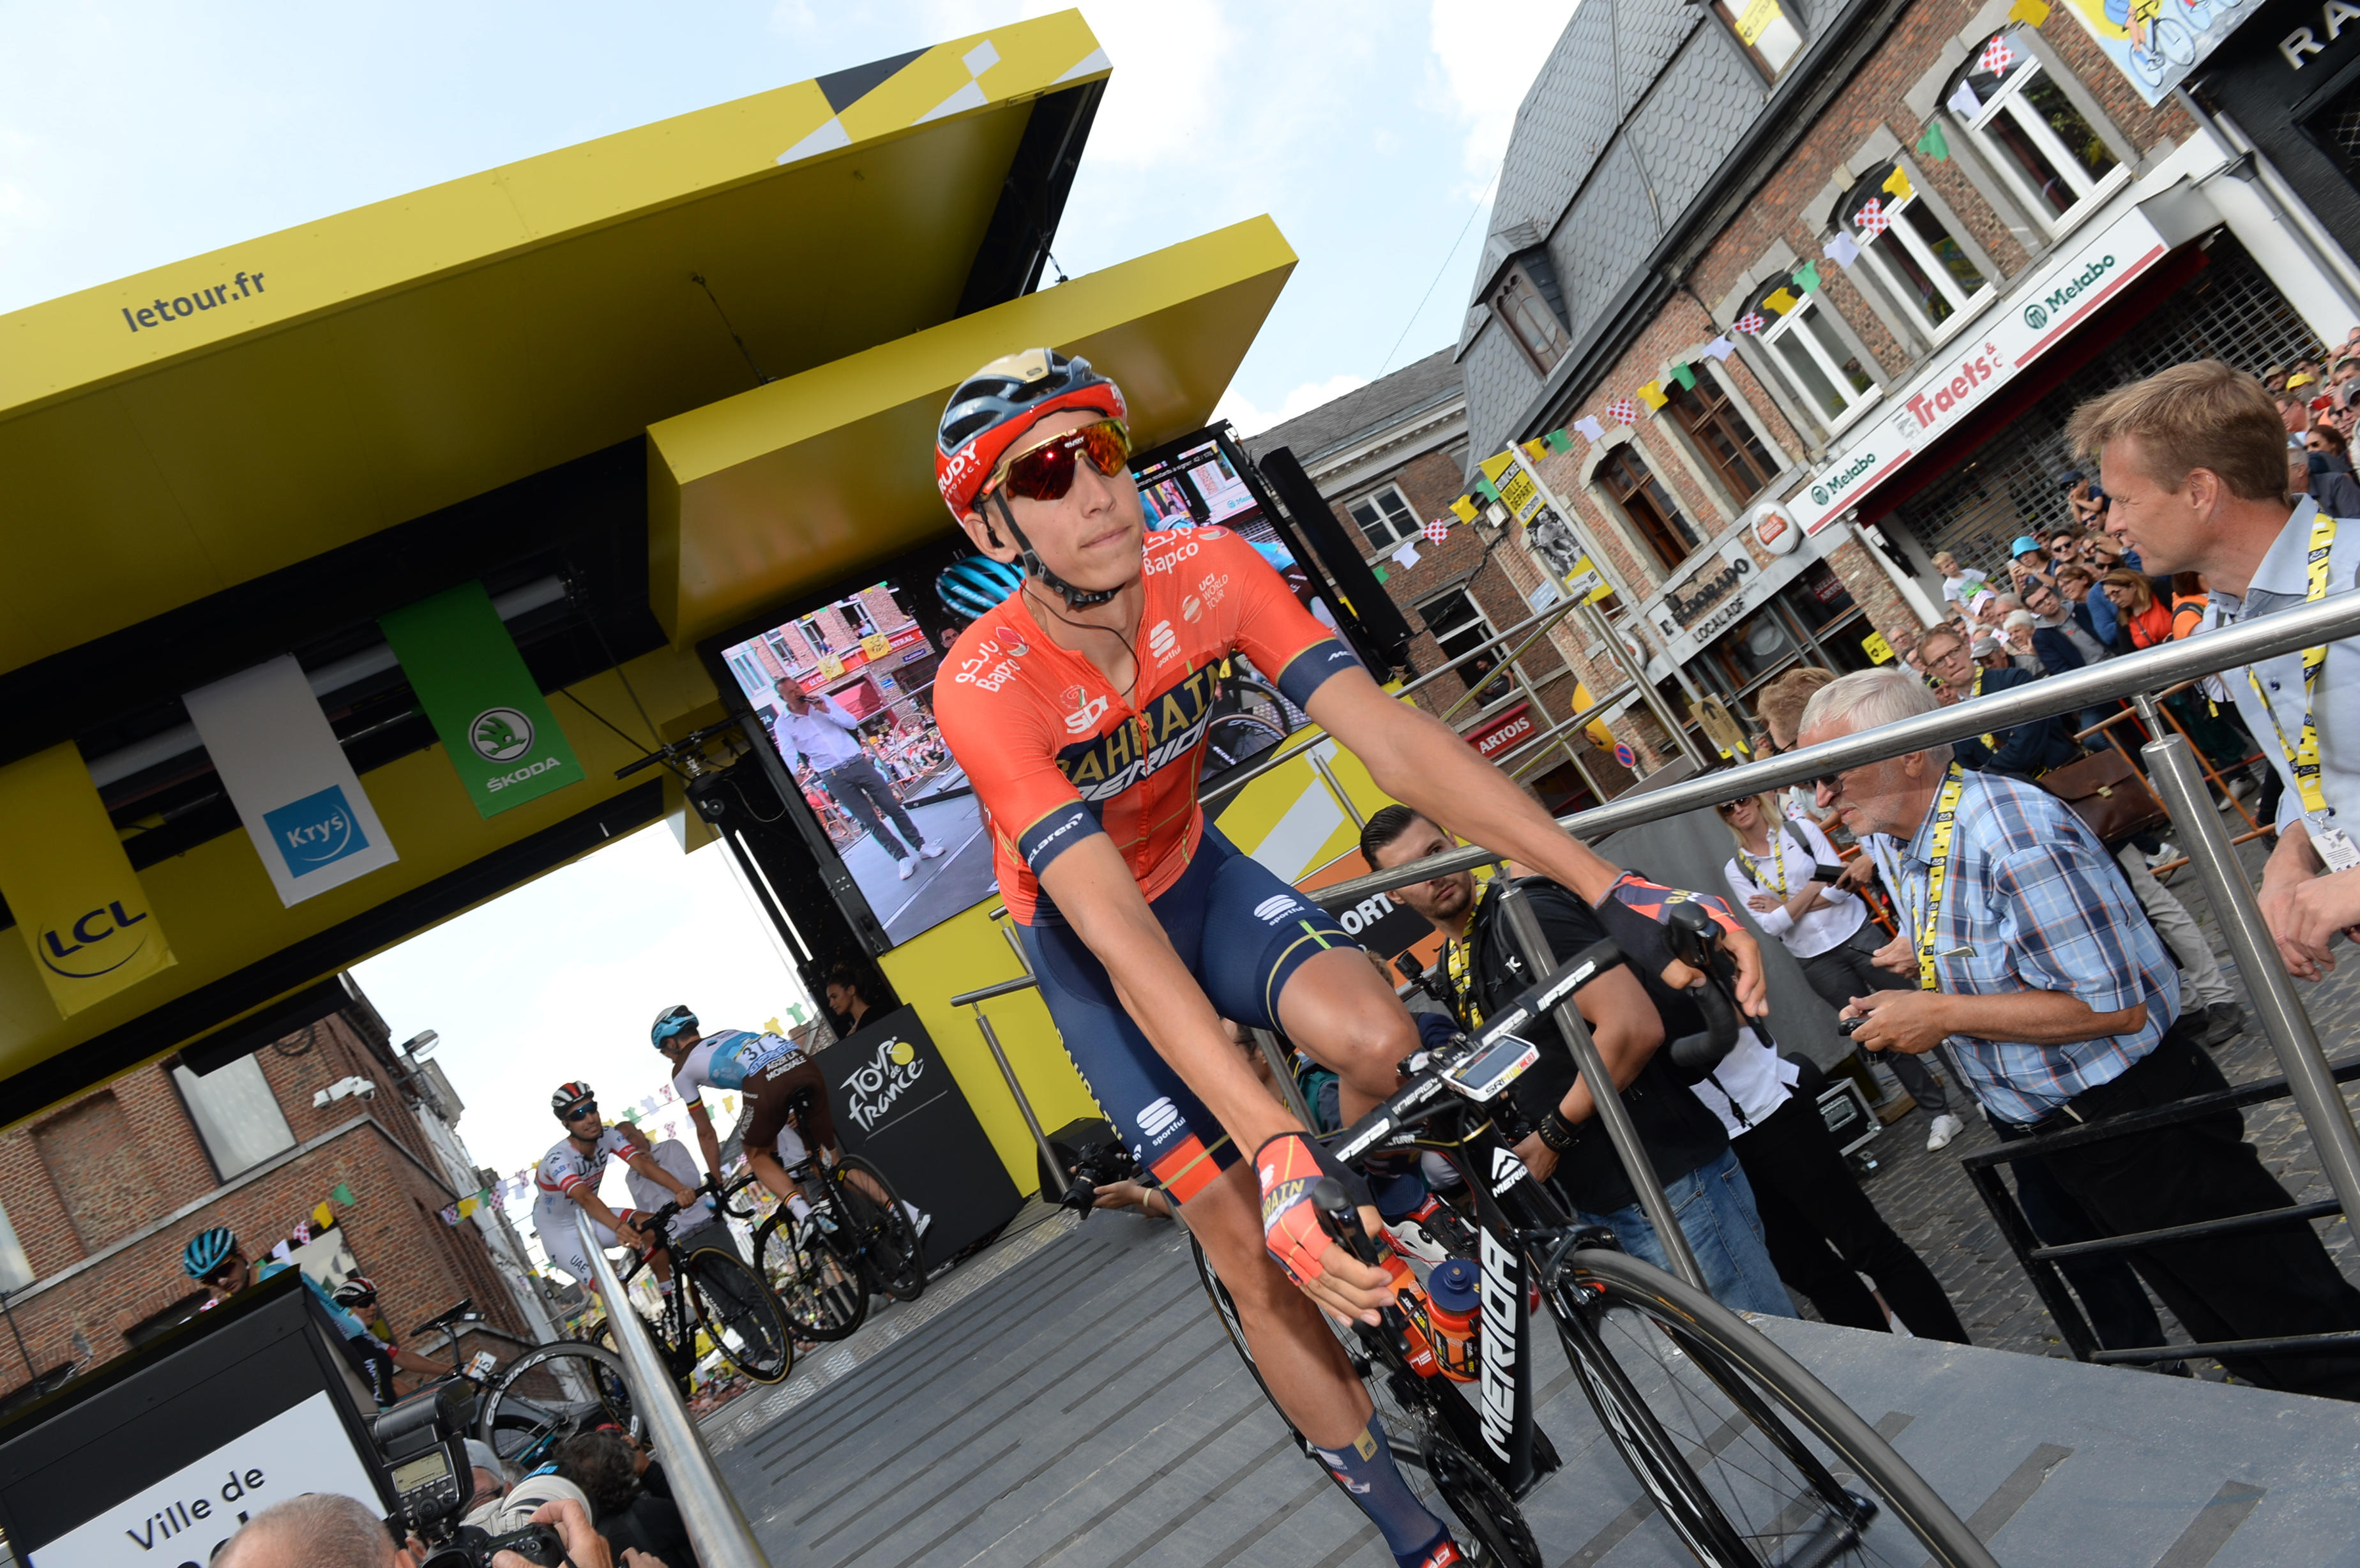 Spektakel na Touru: Boj favoritov, Teunsov podvig in Italijan v rumenem